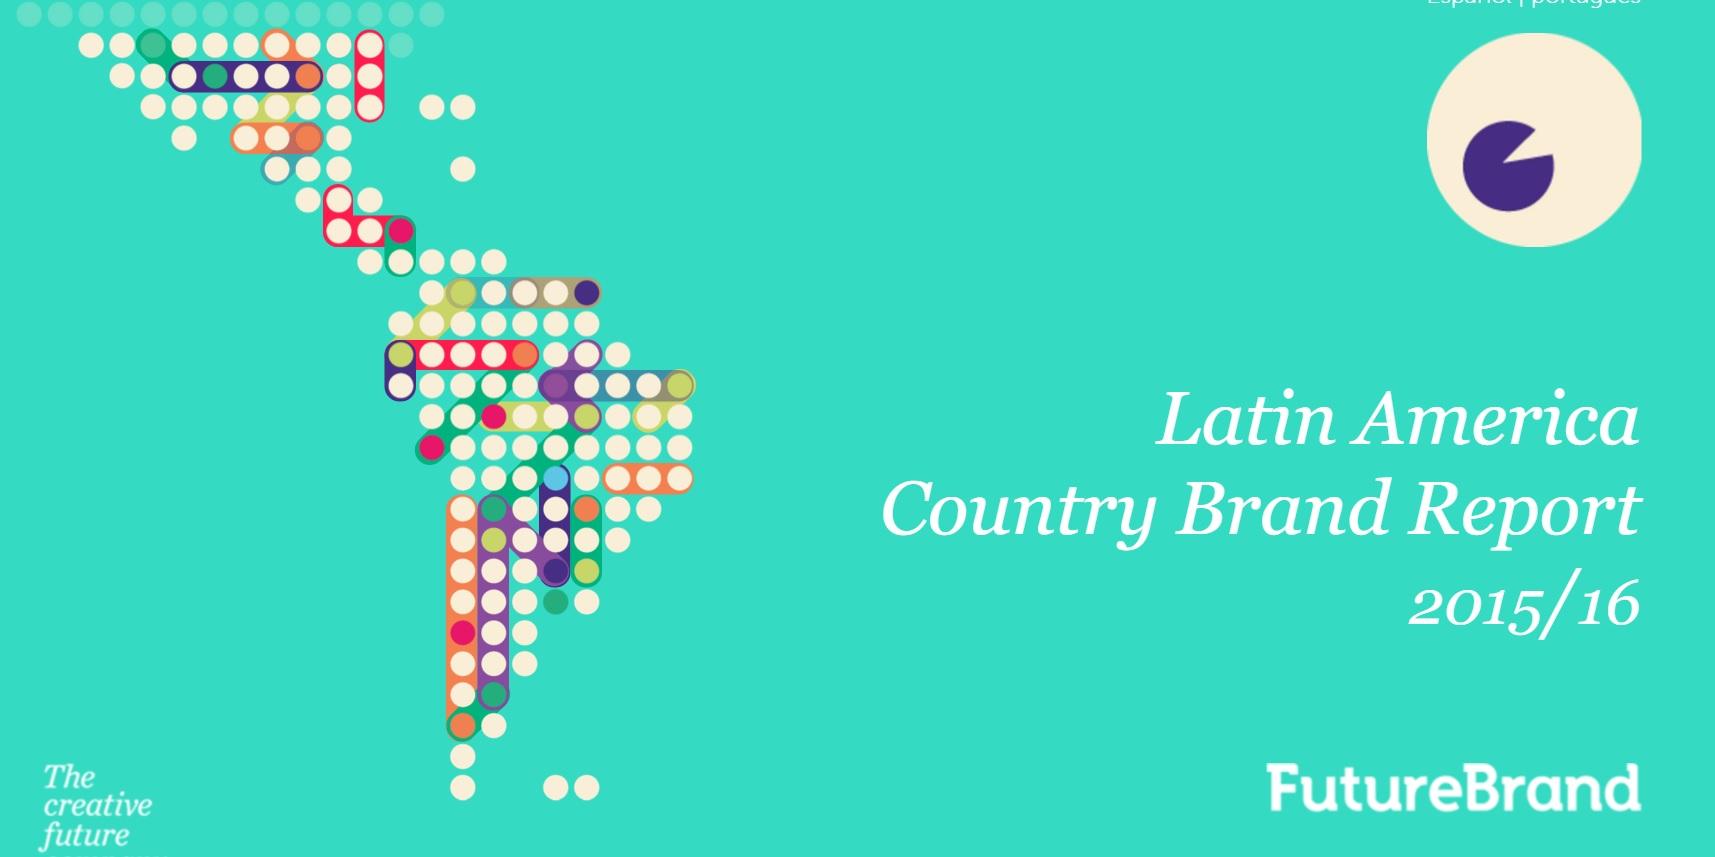 Relatório da Future Brand sobre as marcas-país mais valiosas da região